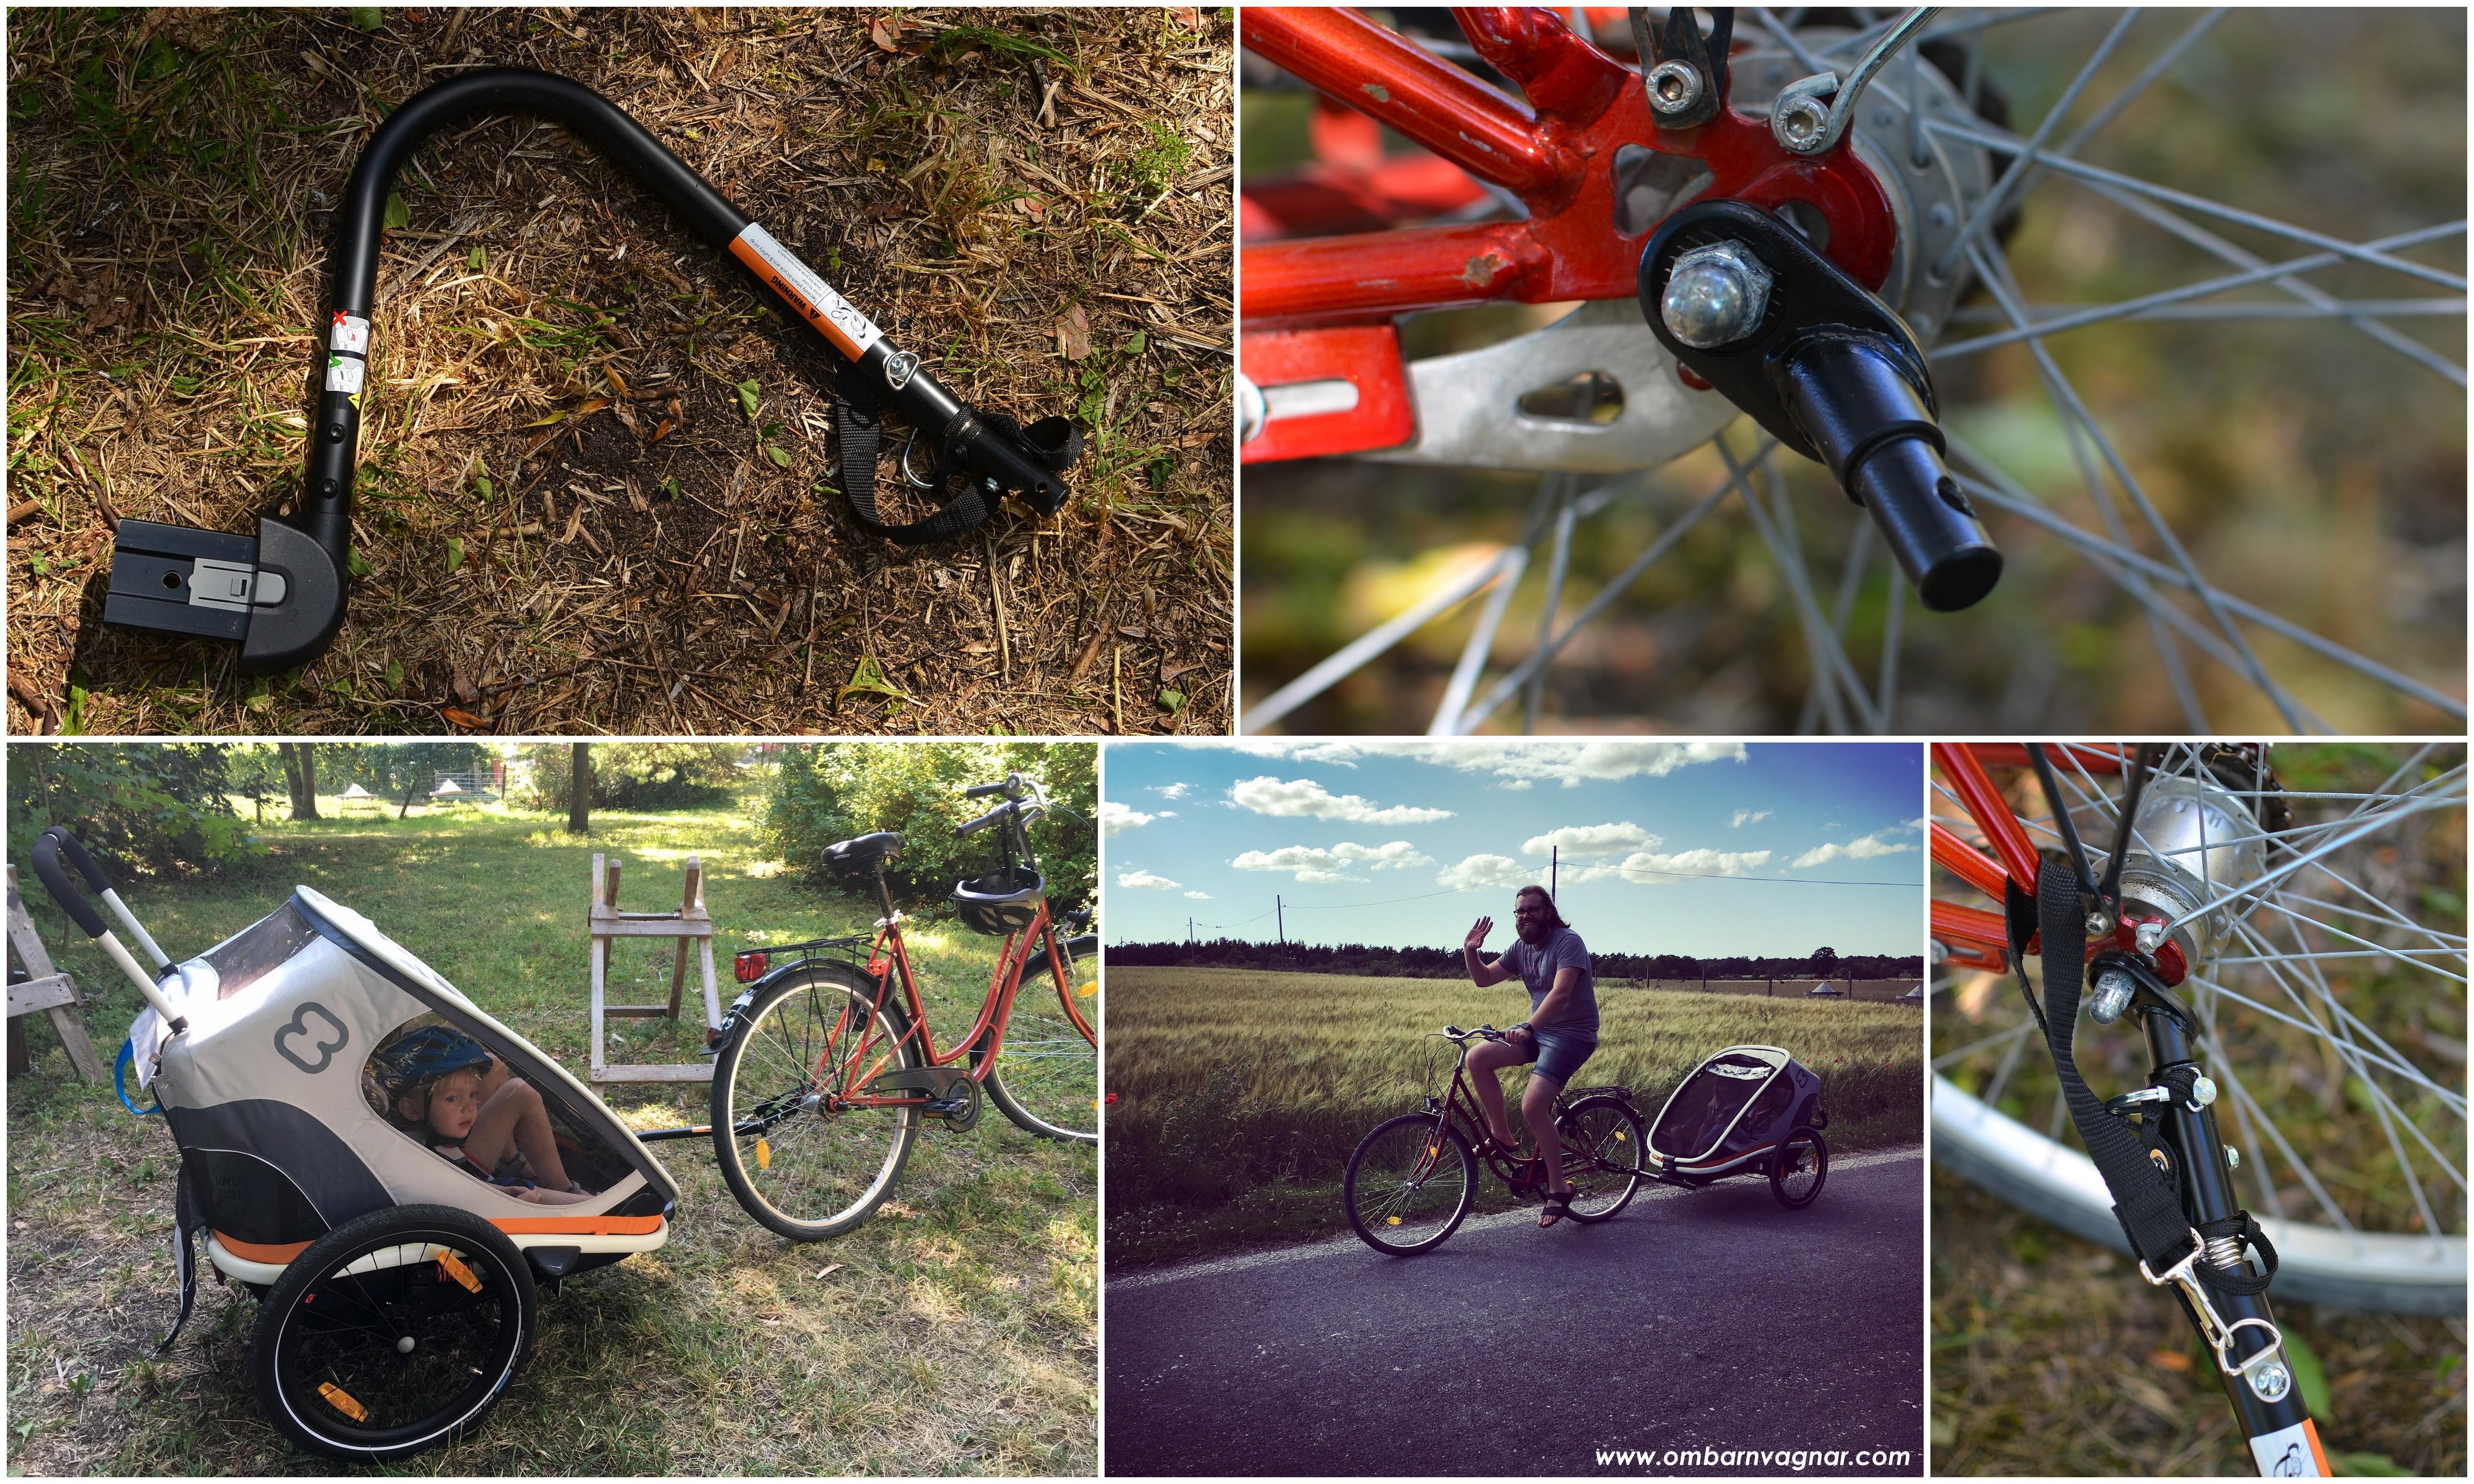 Hamax Outback körkänsla och användning som cykelvagn